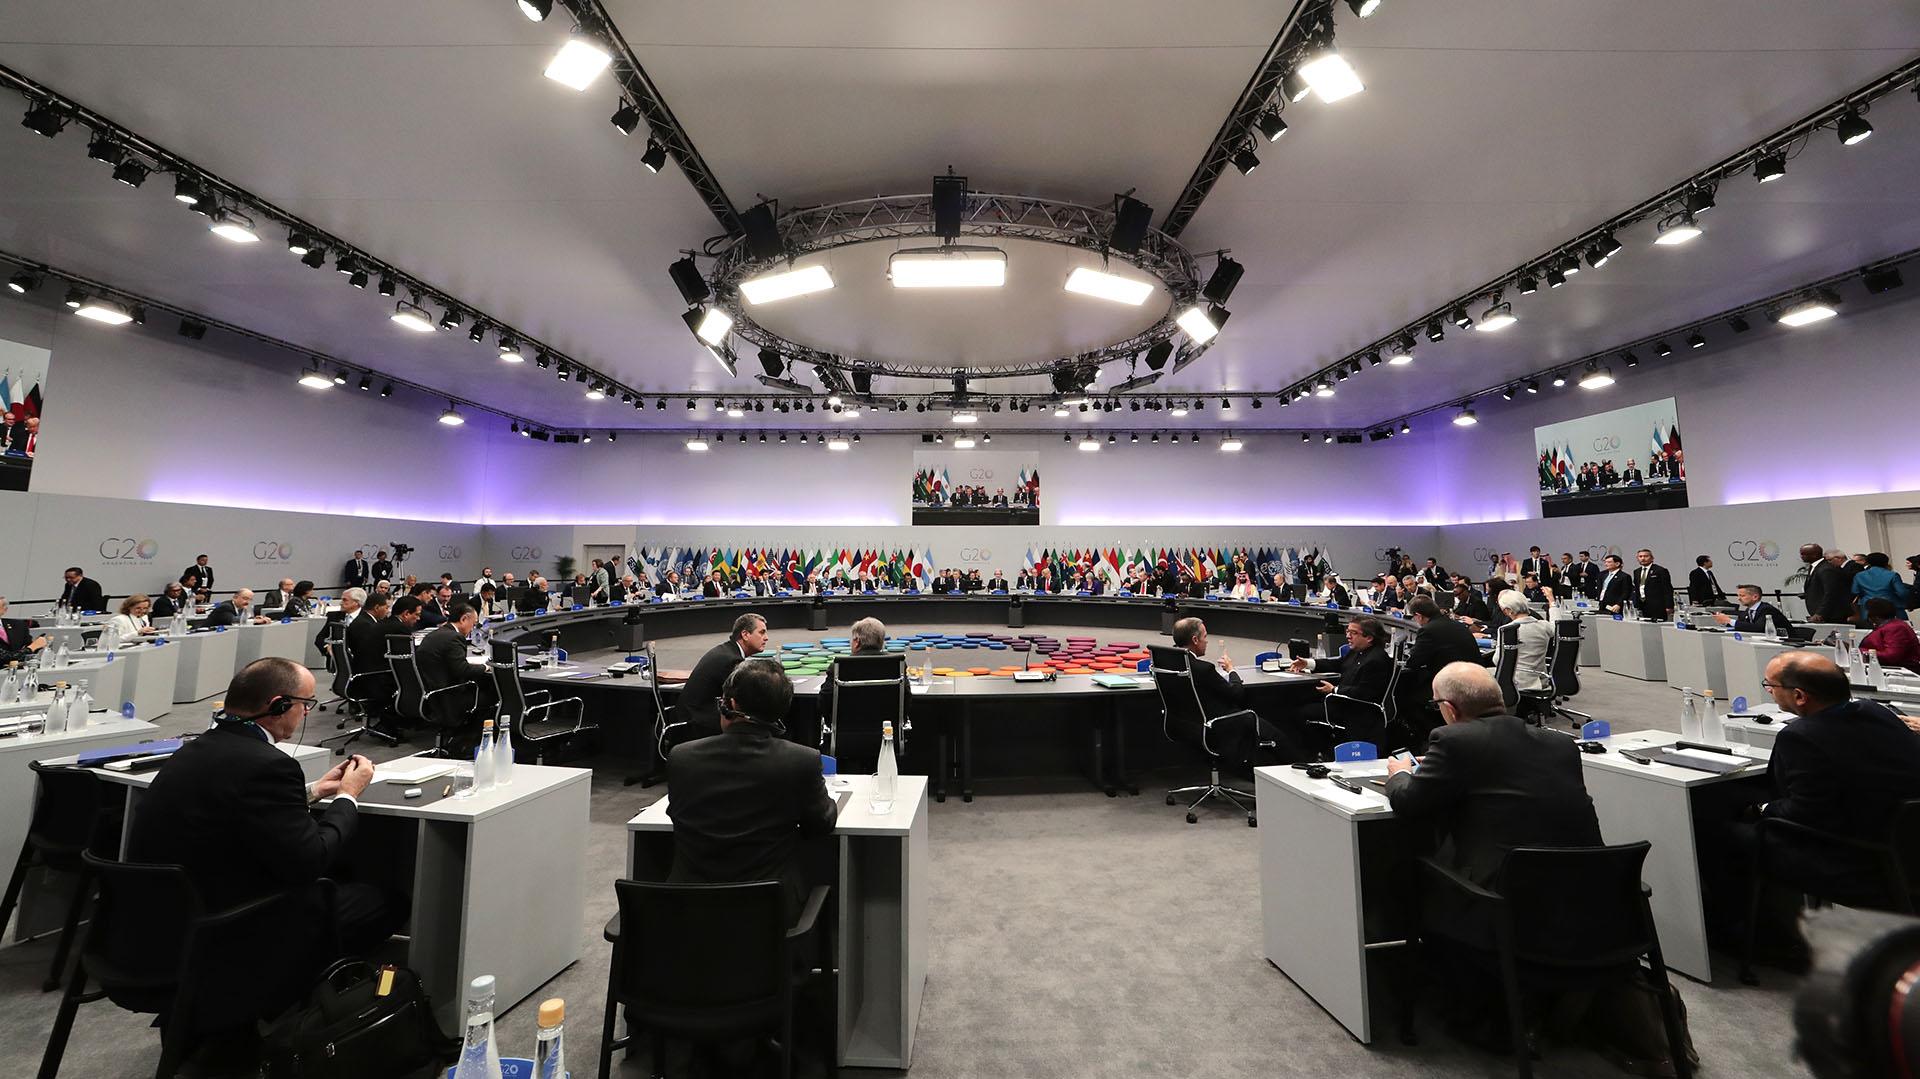 El hall donde se realizó el plenario de presidentes